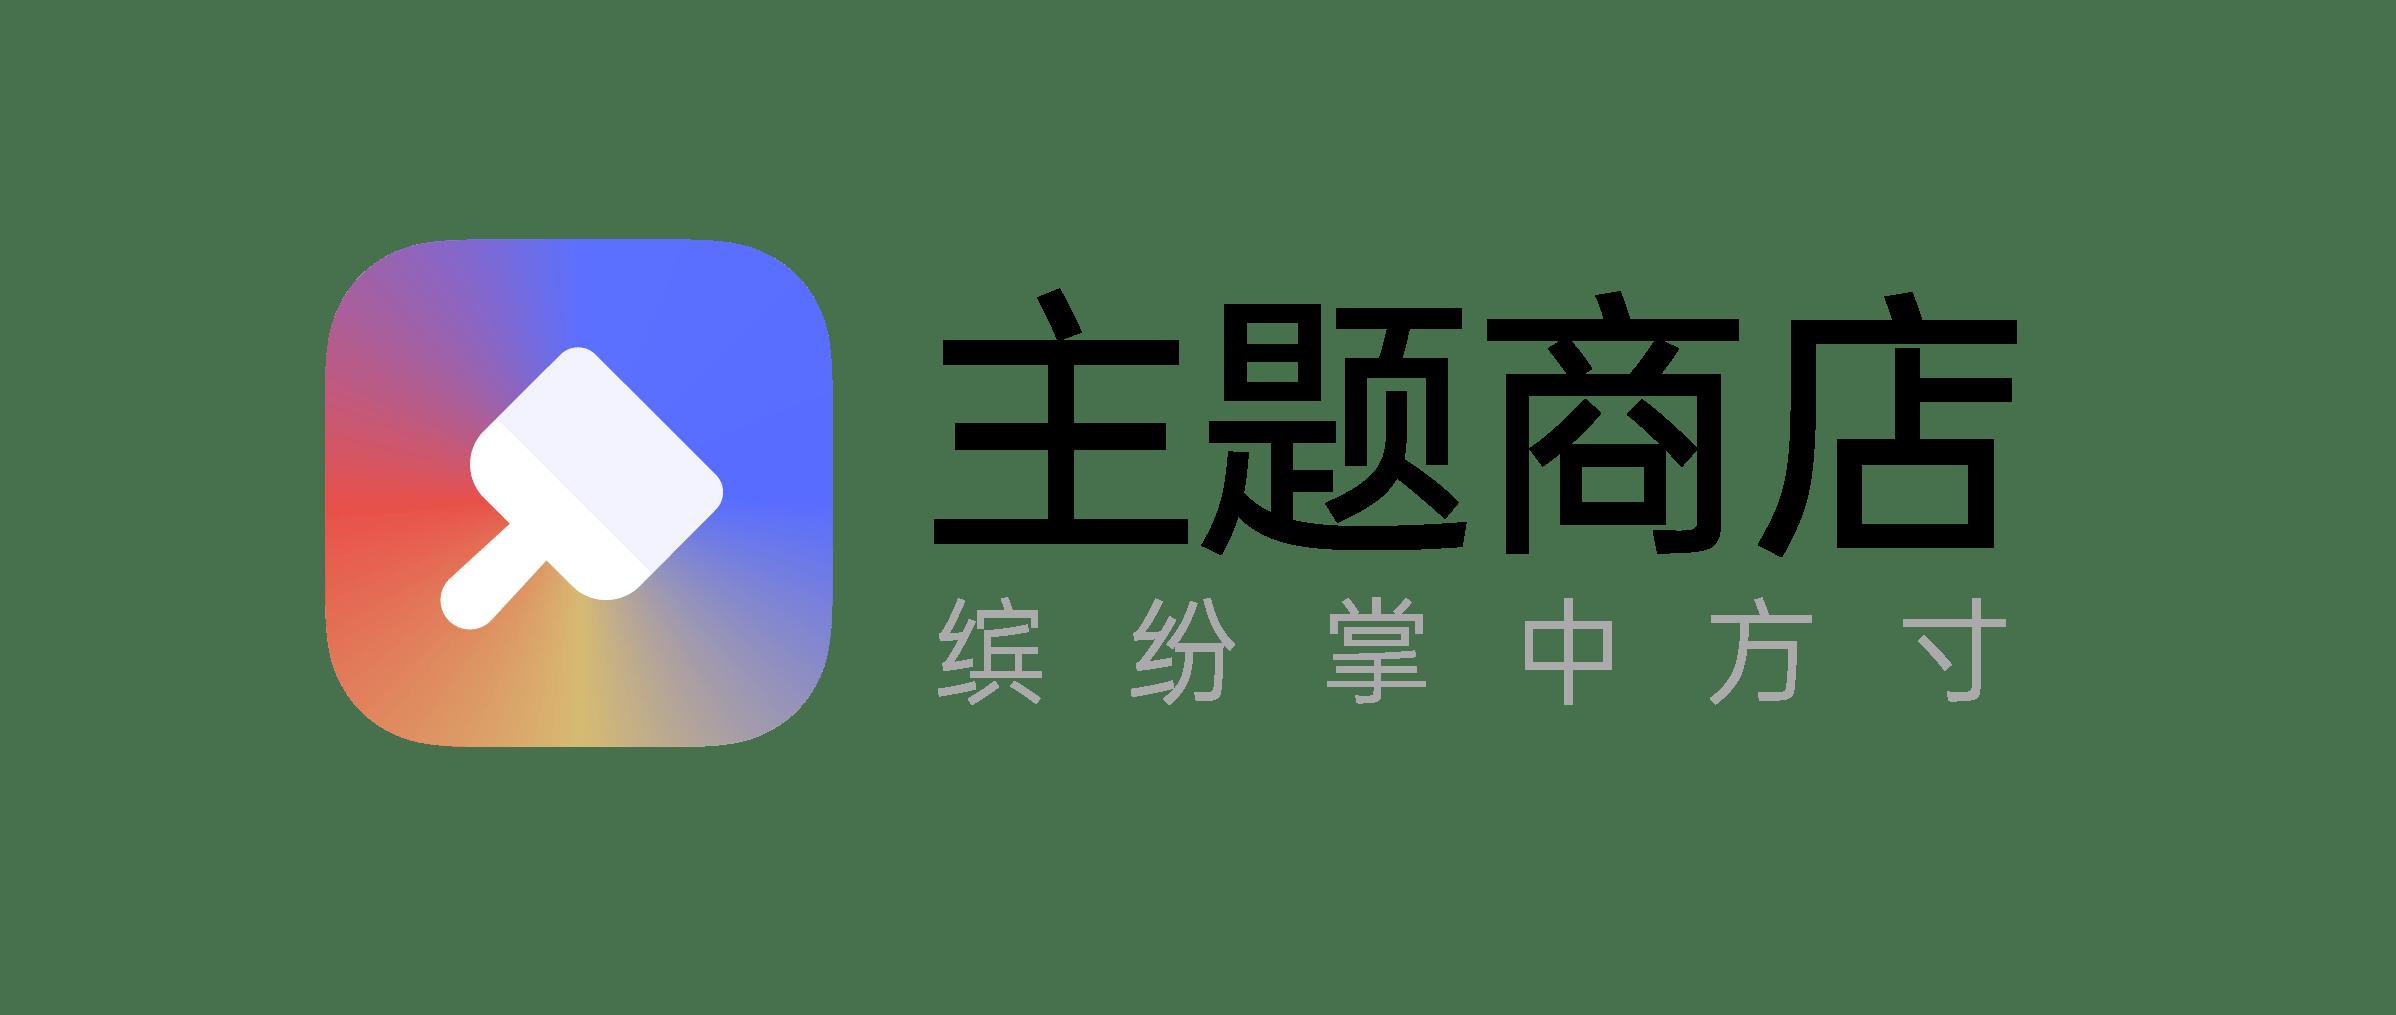 广东欢太运营的主题商店给你一个缤纷多彩的主题乐园-ROR体育下载(图1)